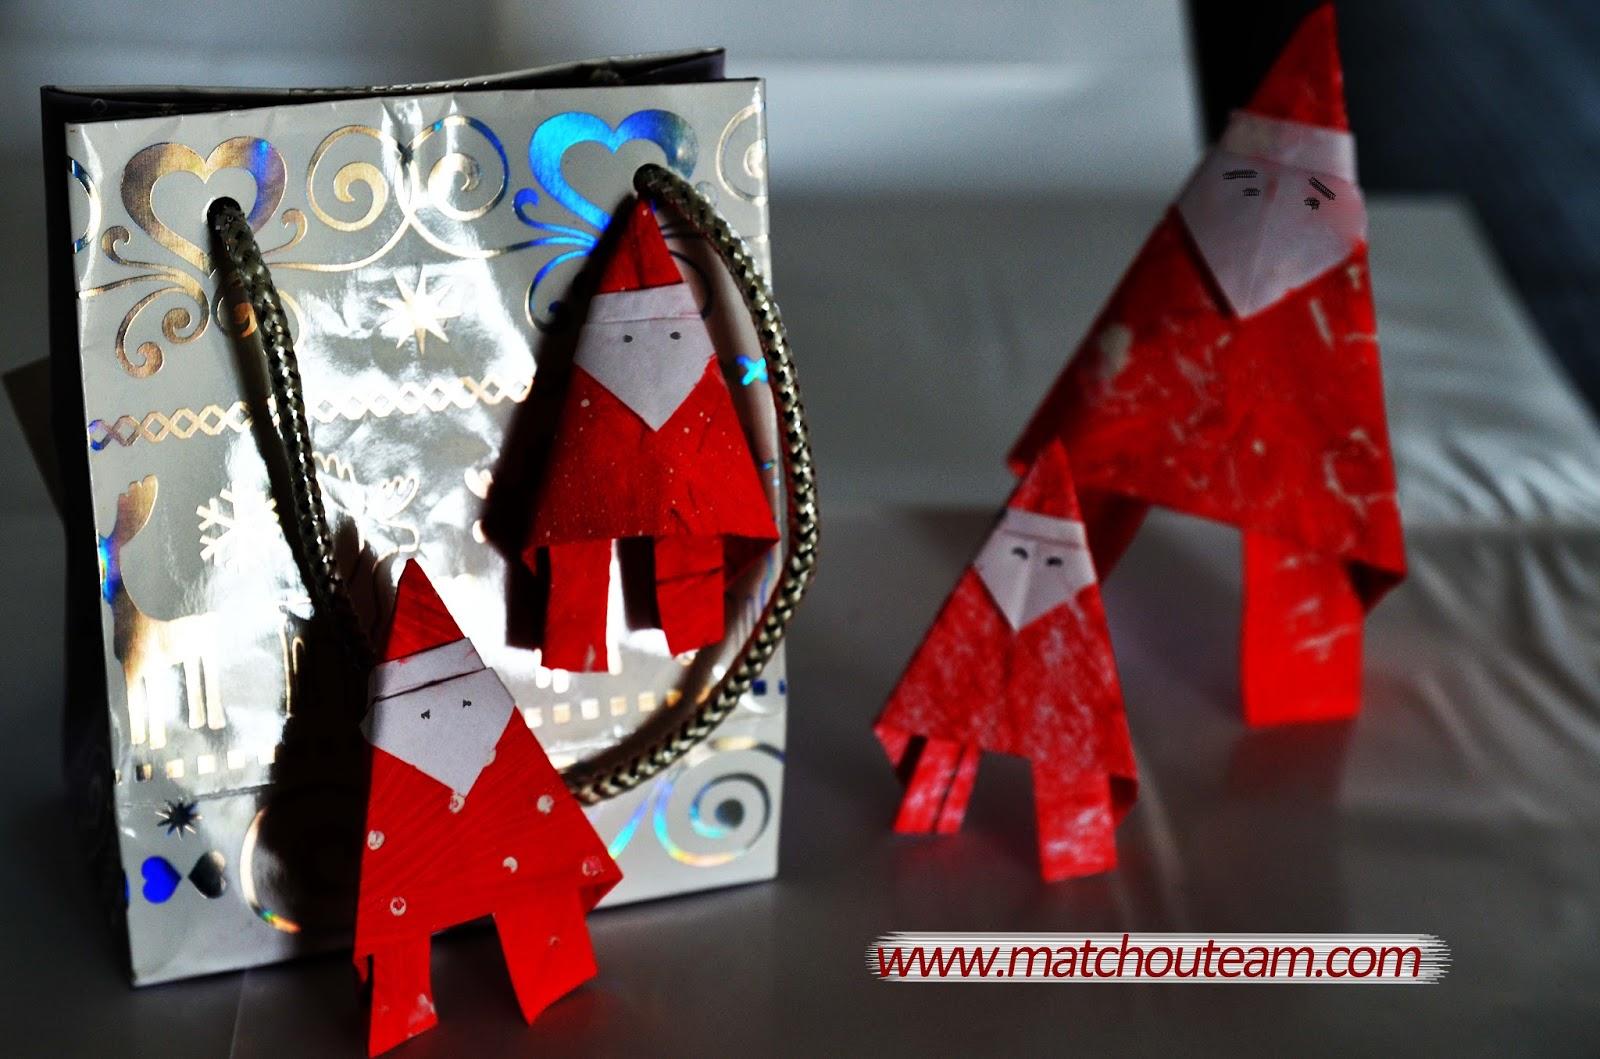 http://3.bp.blogspot.com/--ccCP3e3EFU/UoYL78SfirI/AAAAAAAABwA/gQrtIkZ0Upc/s1600/pe%25CC%2580re+Noe%25CC%2588l+en+origami.jpg